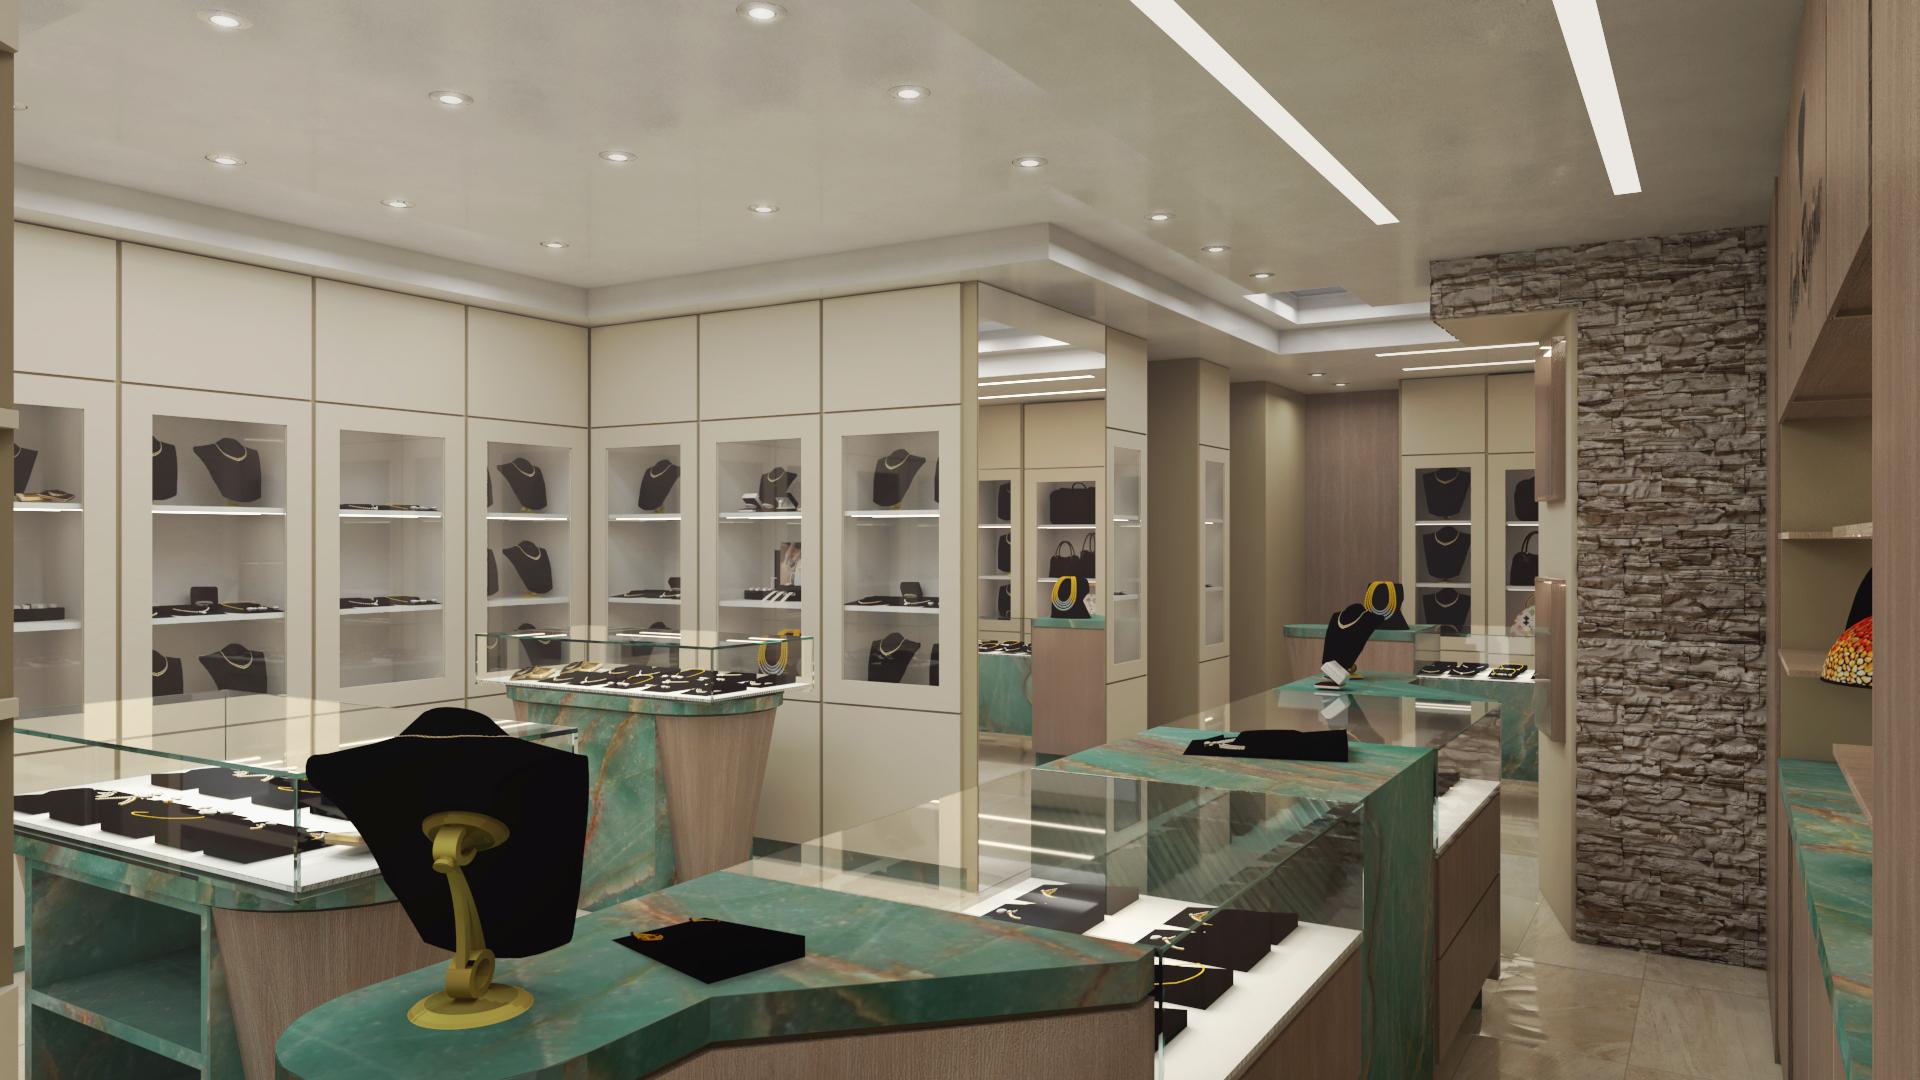 Progetto gioielleria foggia render gioielleria co de for G g arredamenti